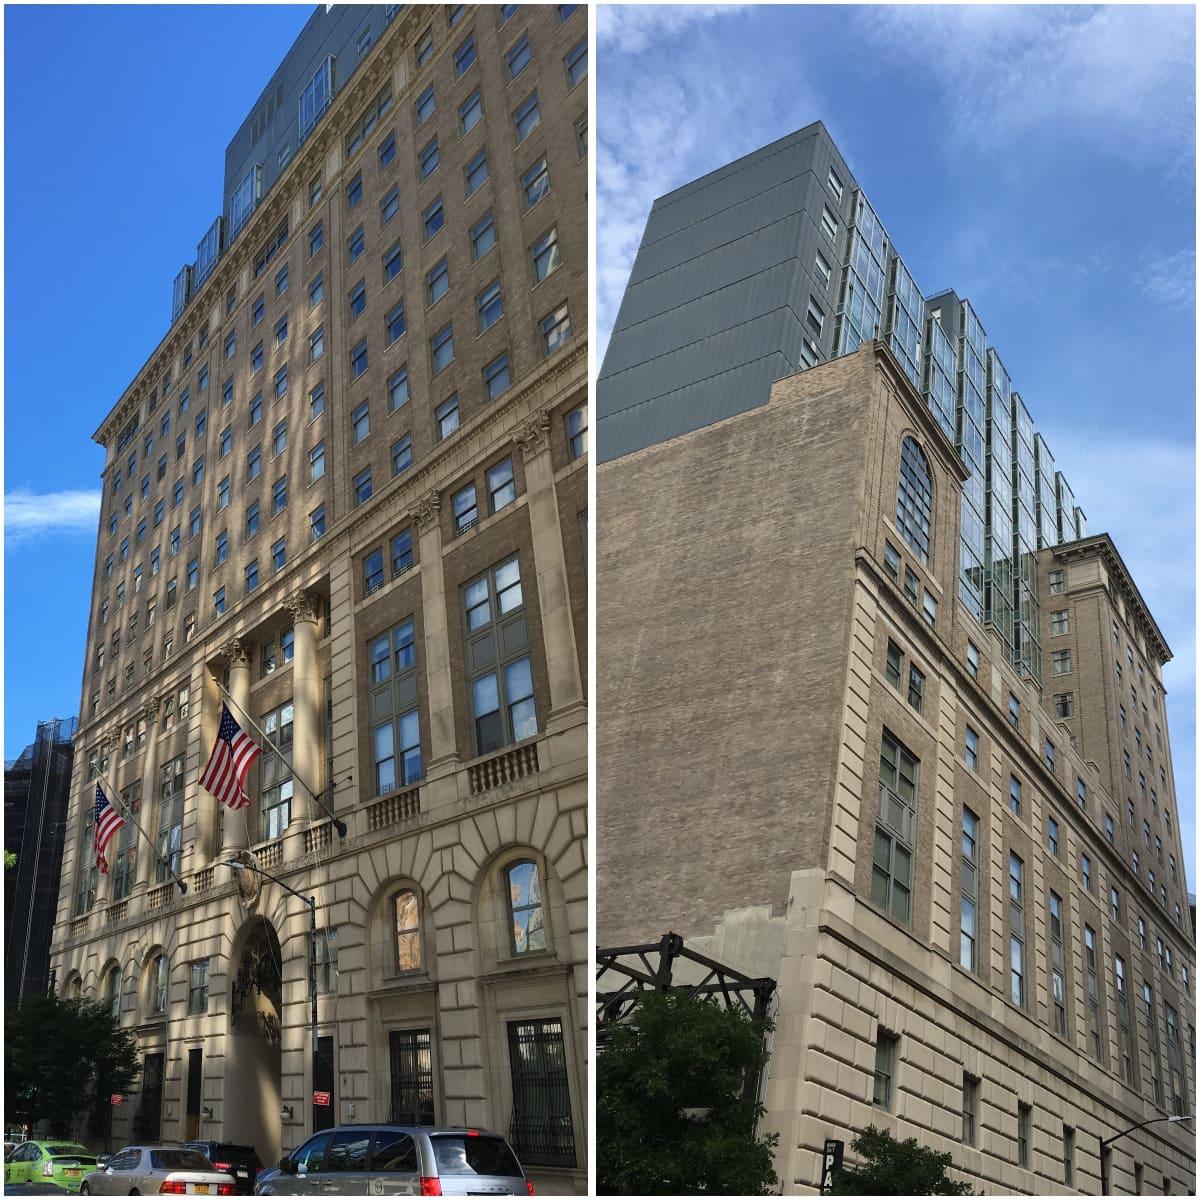 New York Cityn opetusviraston entinen päärakennus on muutettu asunnoiksi ja rakennuksen kerroskorkeutta on nostettu.